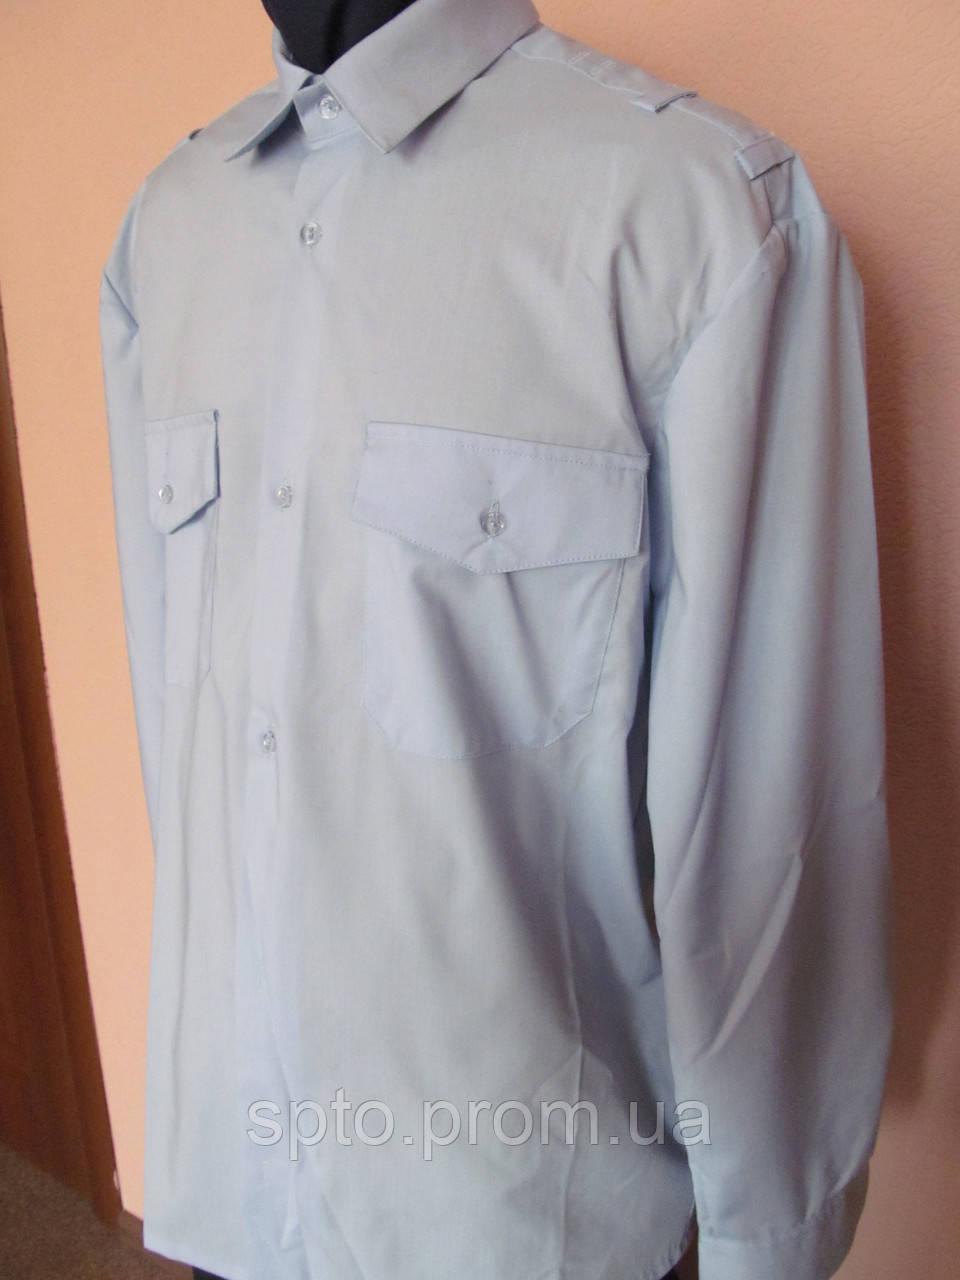 0cf43fb6650 Рубашка форменная с системой для крепления погонов - Интернет-магазин